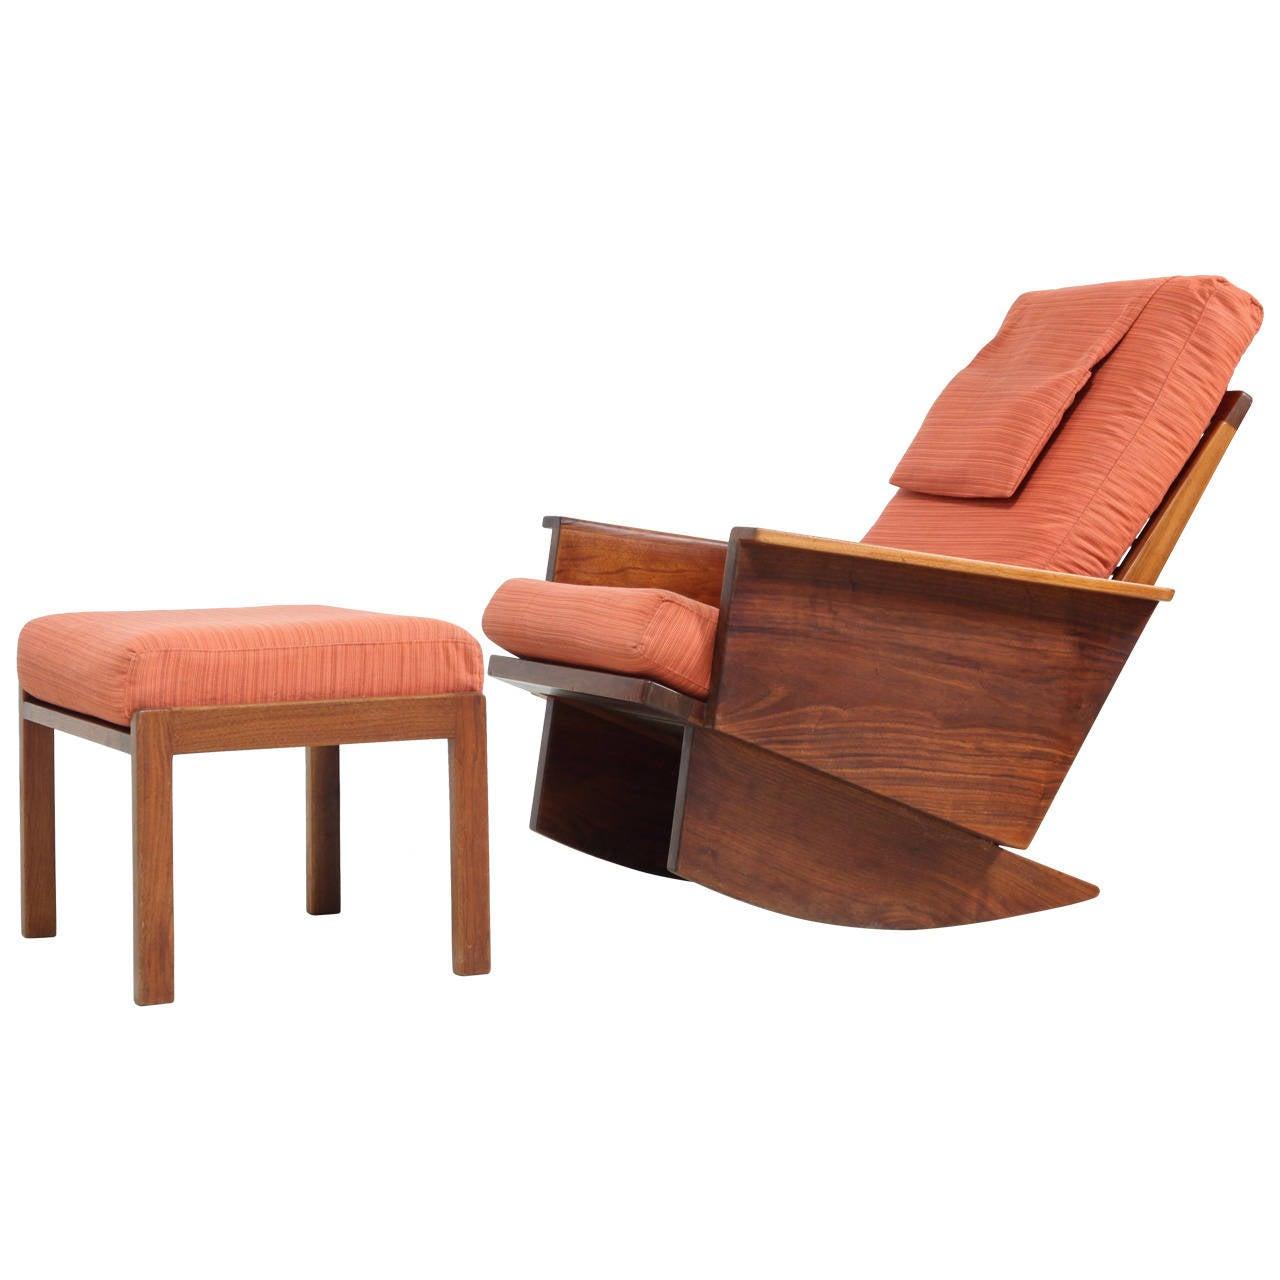 Pouf Sgabellino Beone : Rocker chair with ottoman